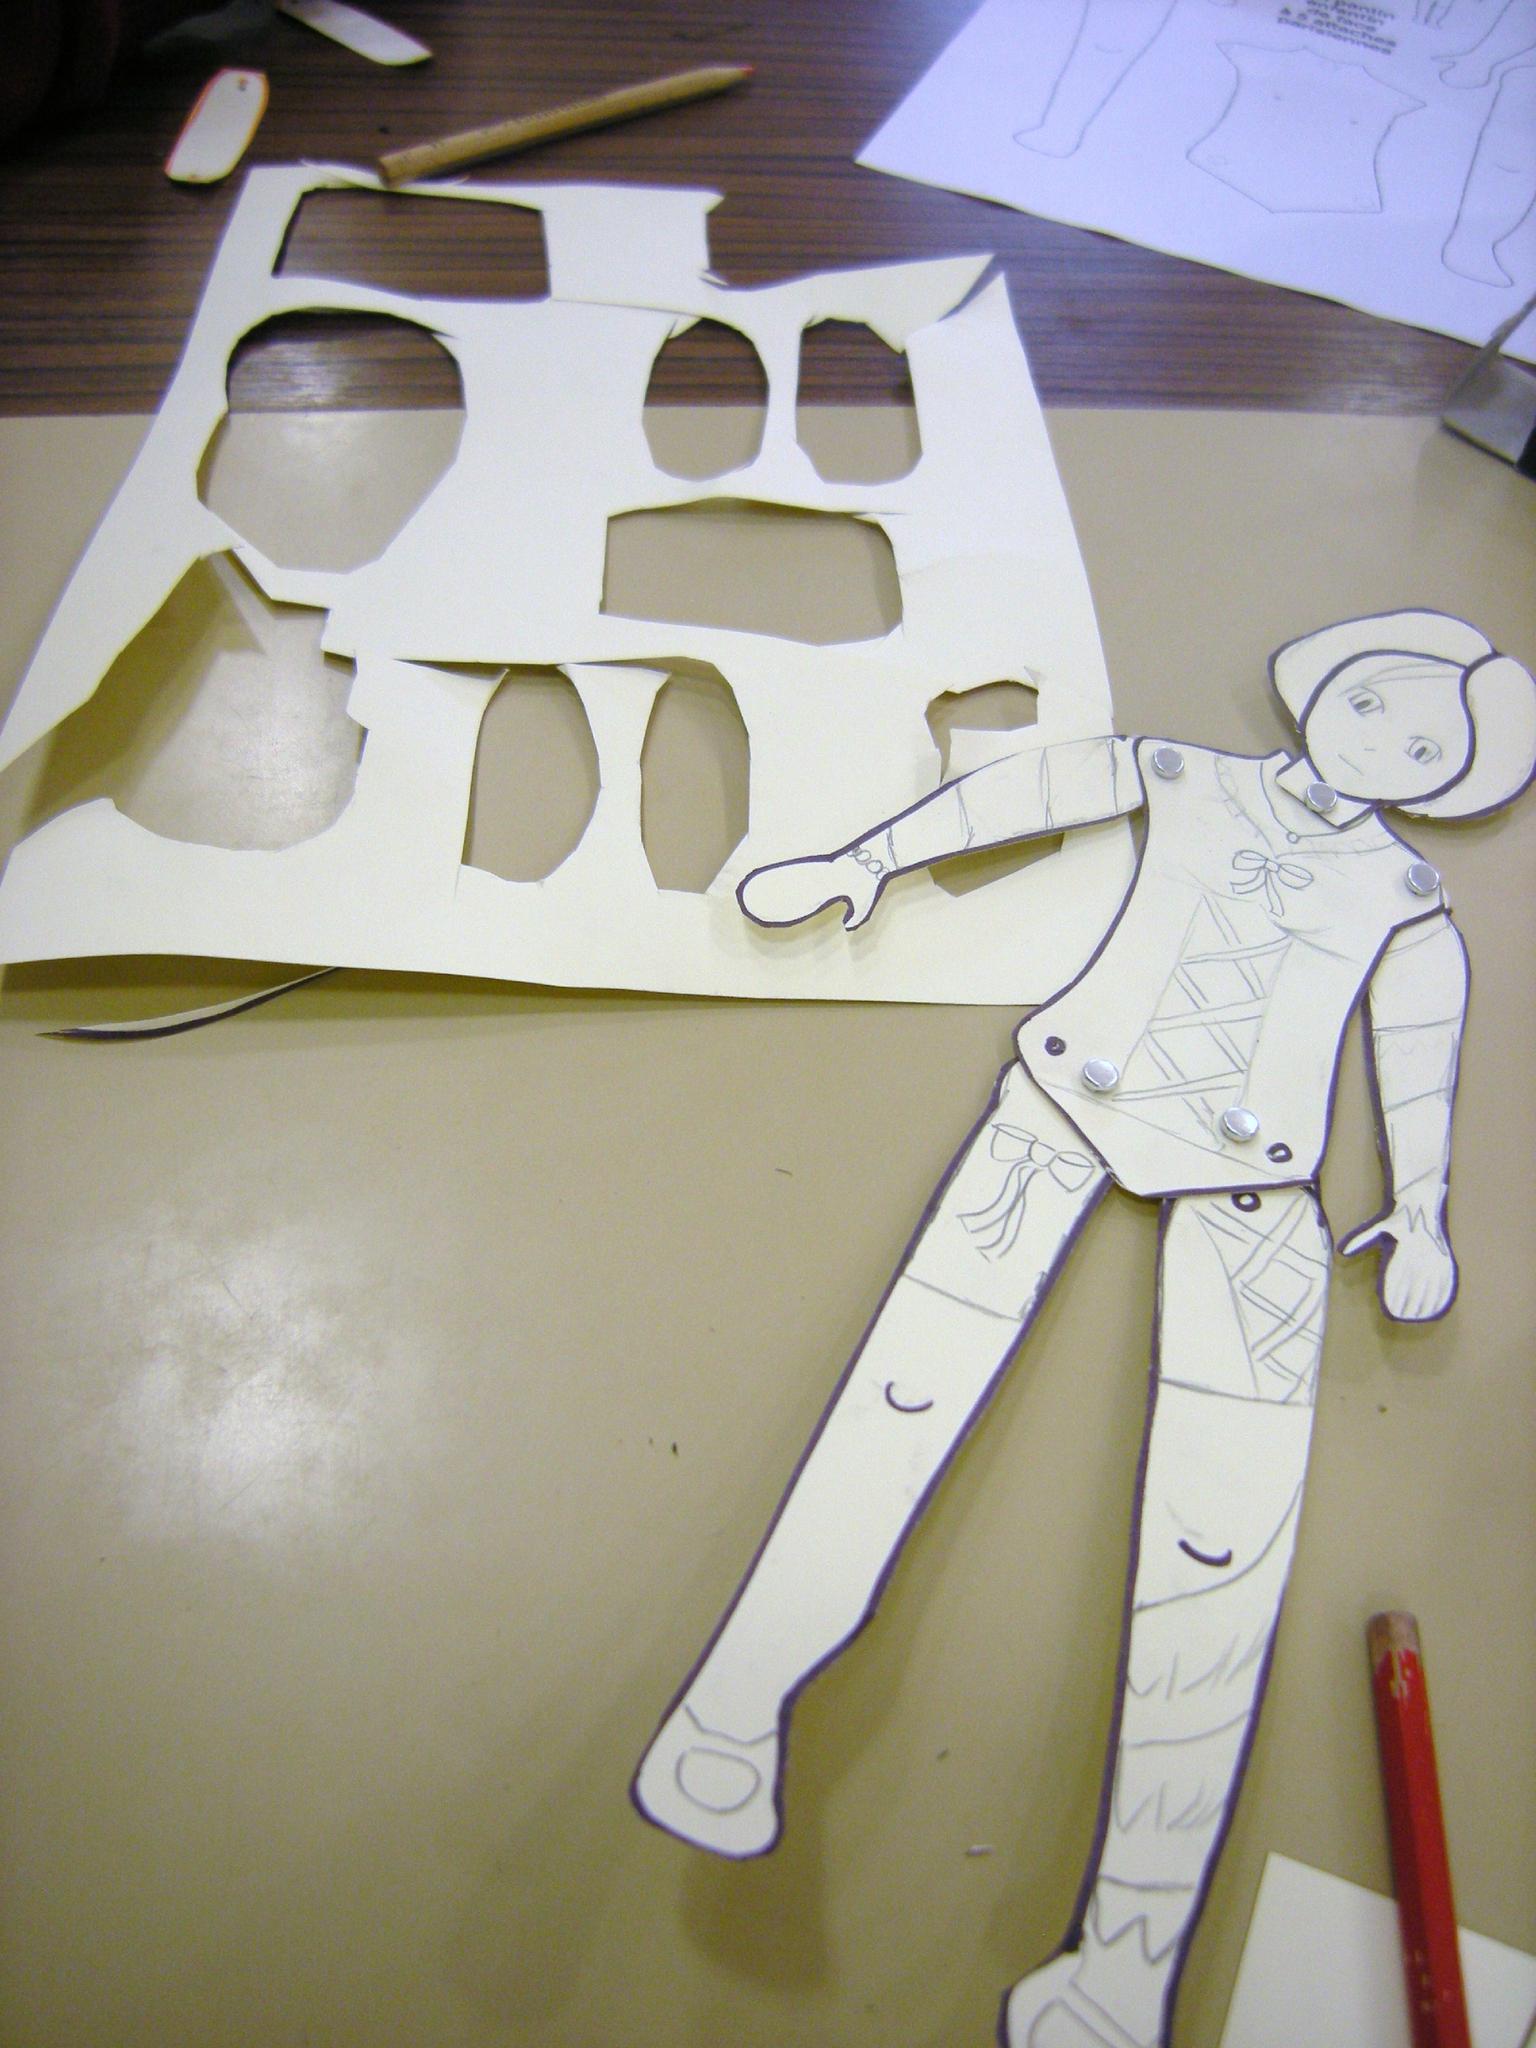 Fabrication De Pantins Articules En Carton Par Les Enfants tout Pantin Articulé Patron